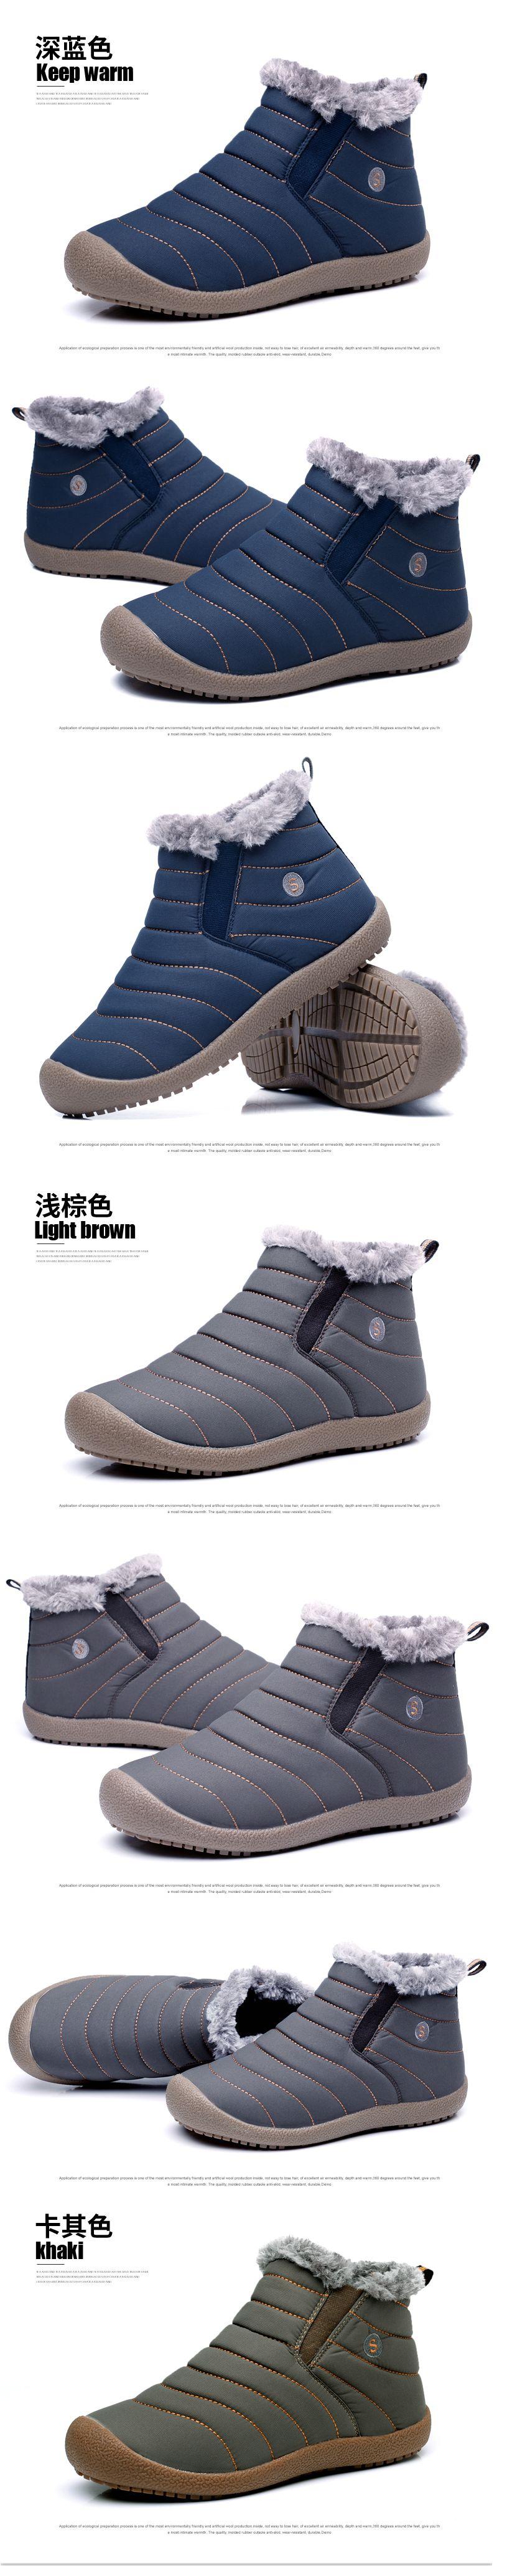 รองเท้าชาย รองเท้าบูทรองเท้าหิมะแฟชั่น